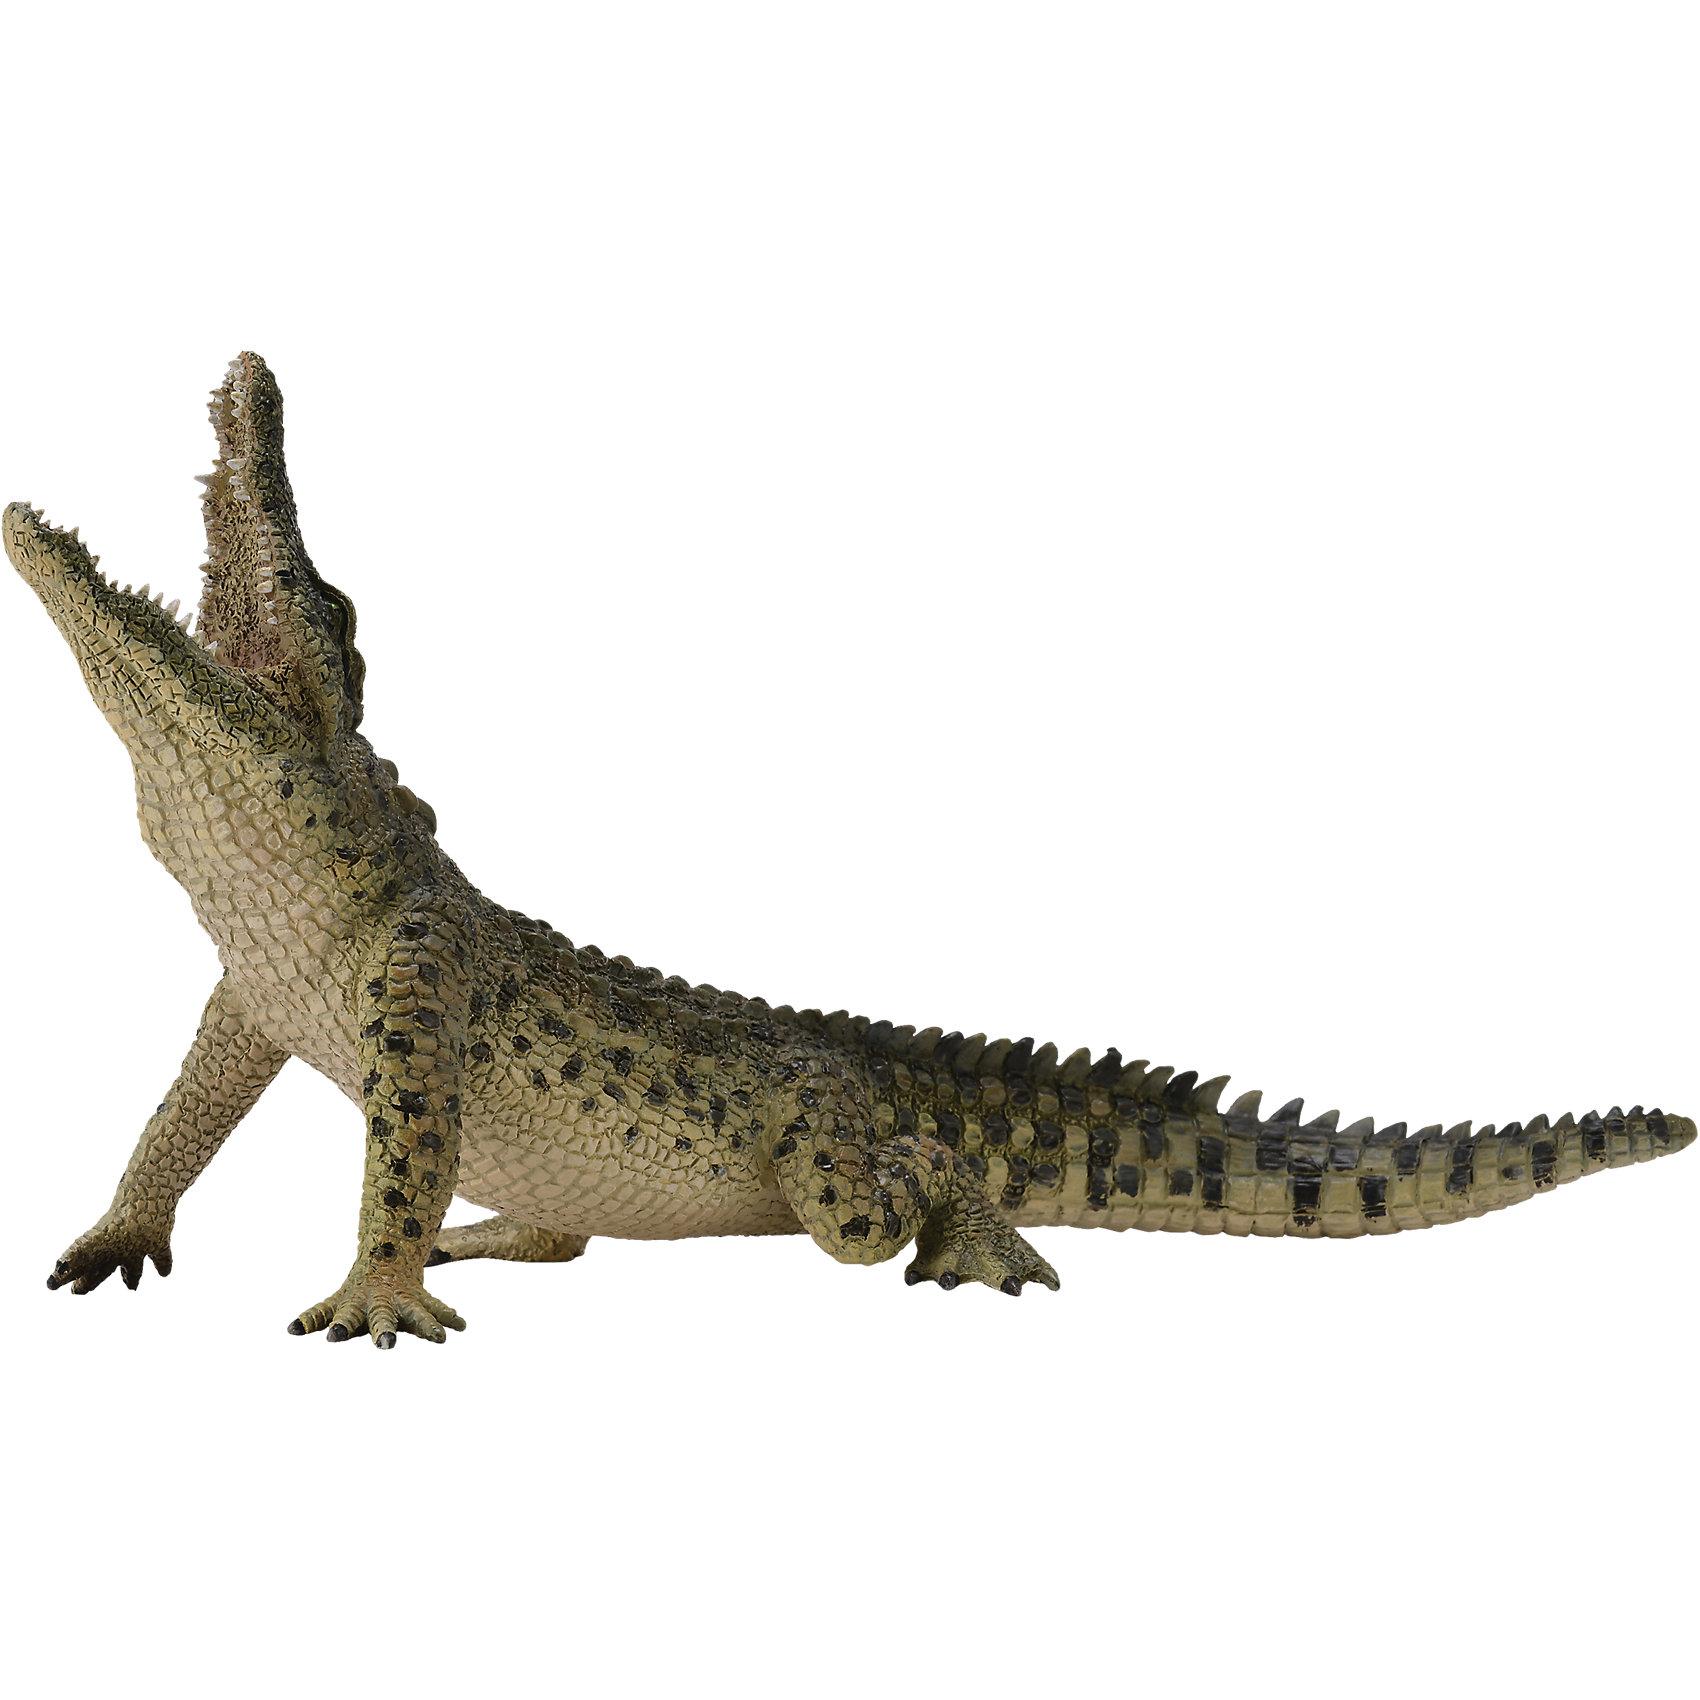 Нильский крокодил (XL), CollectaМир животных<br><br><br>Ширина мм: 200<br>Глубина мм: 10<br>Высота мм: 10<br>Вес г: 94<br>Возраст от месяцев: 36<br>Возраст до месяцев: 192<br>Пол: Унисекс<br>Возраст: Детский<br>SKU: 5534512